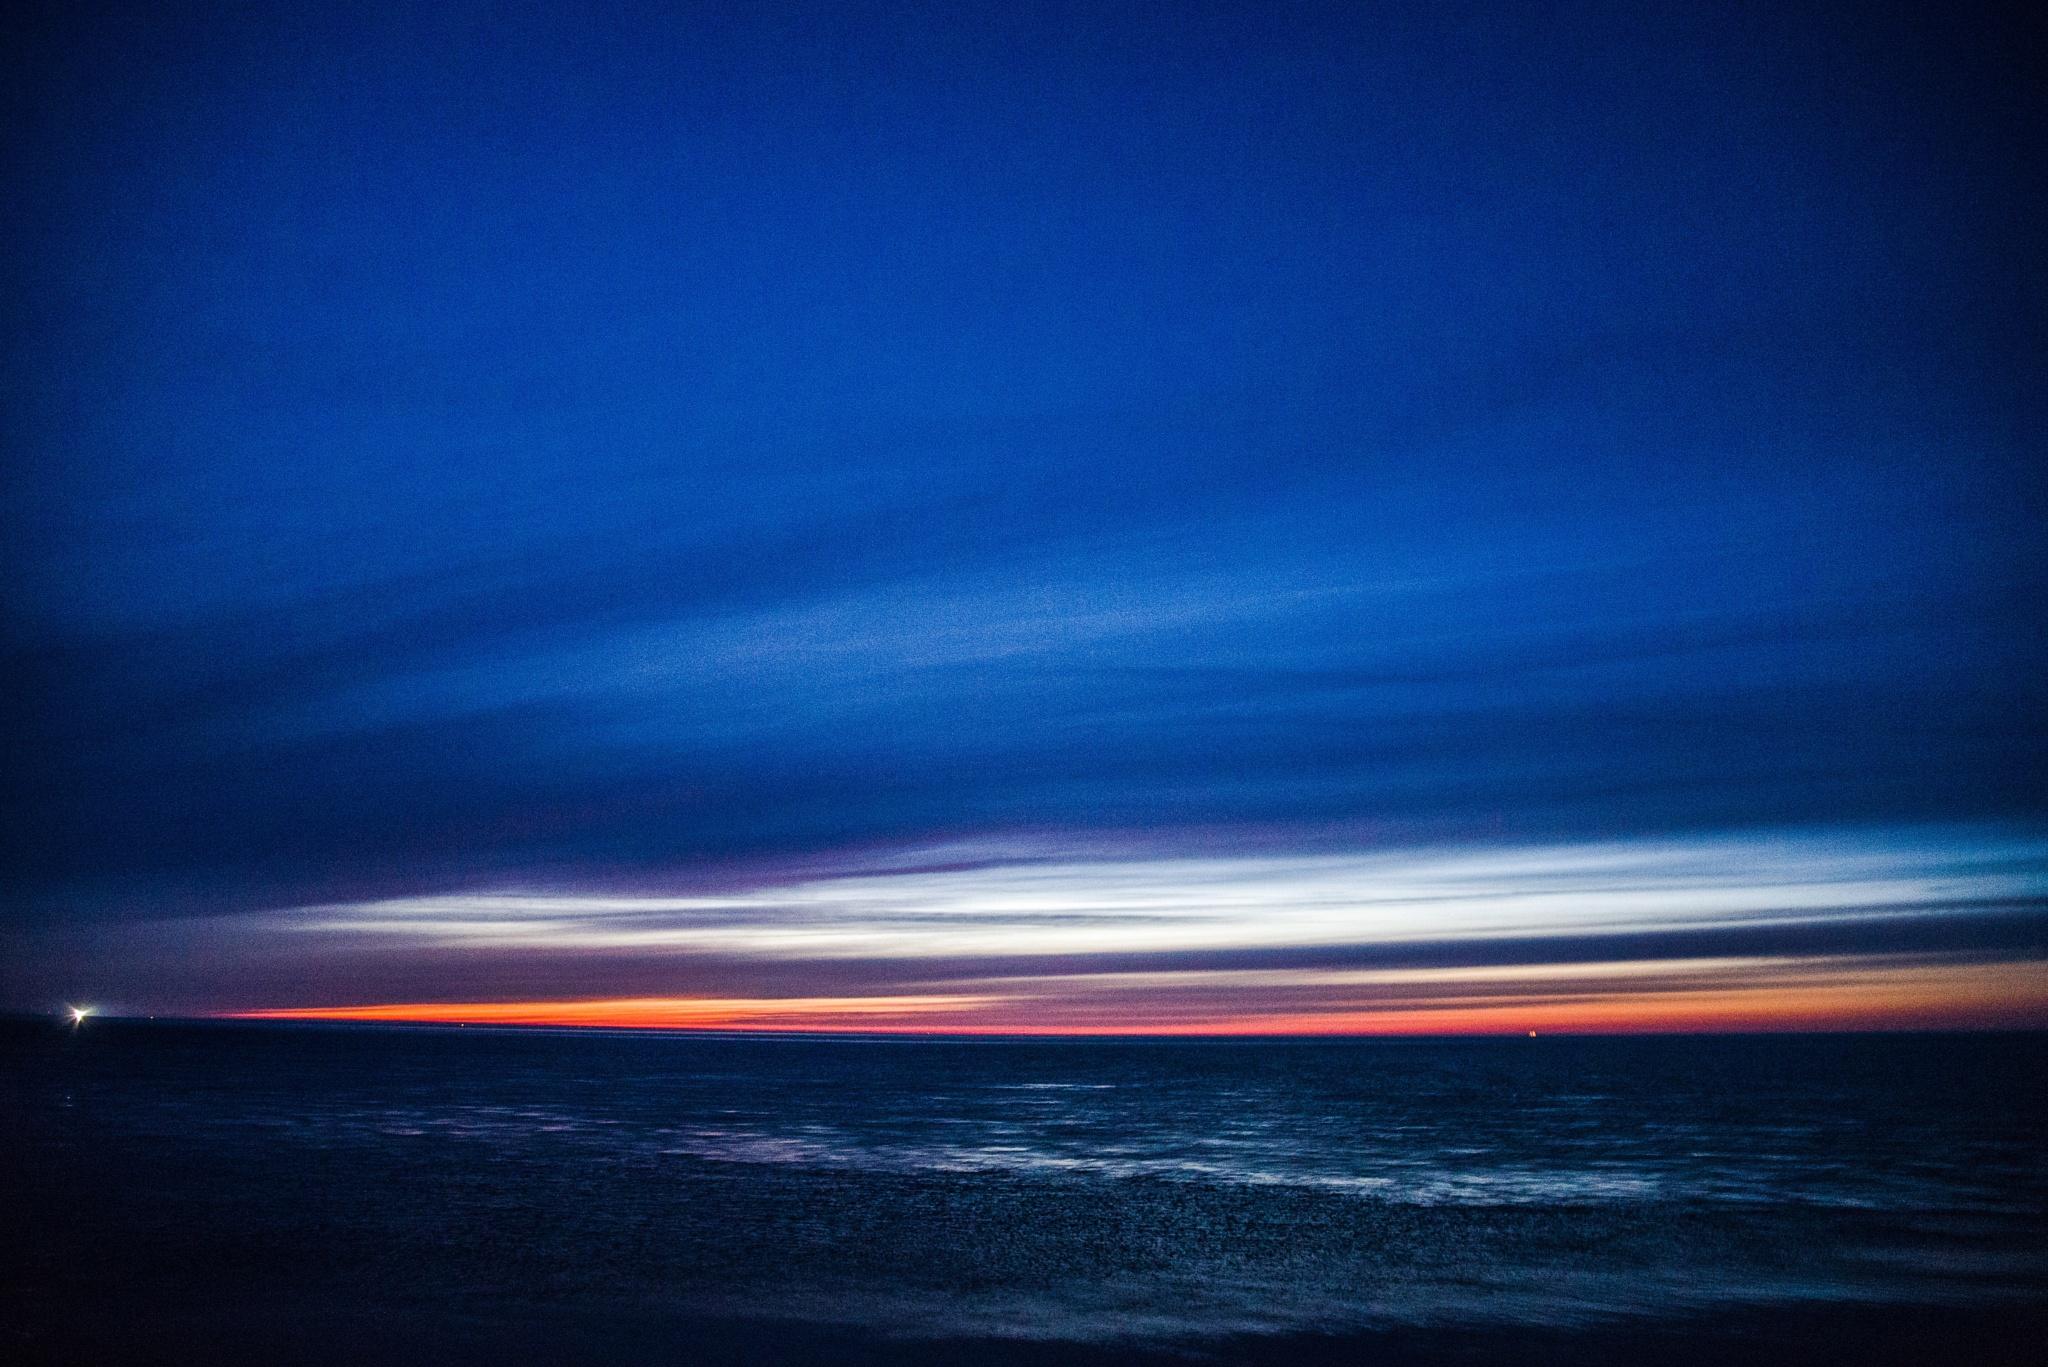 Ocean sunset by Chrisleblanc